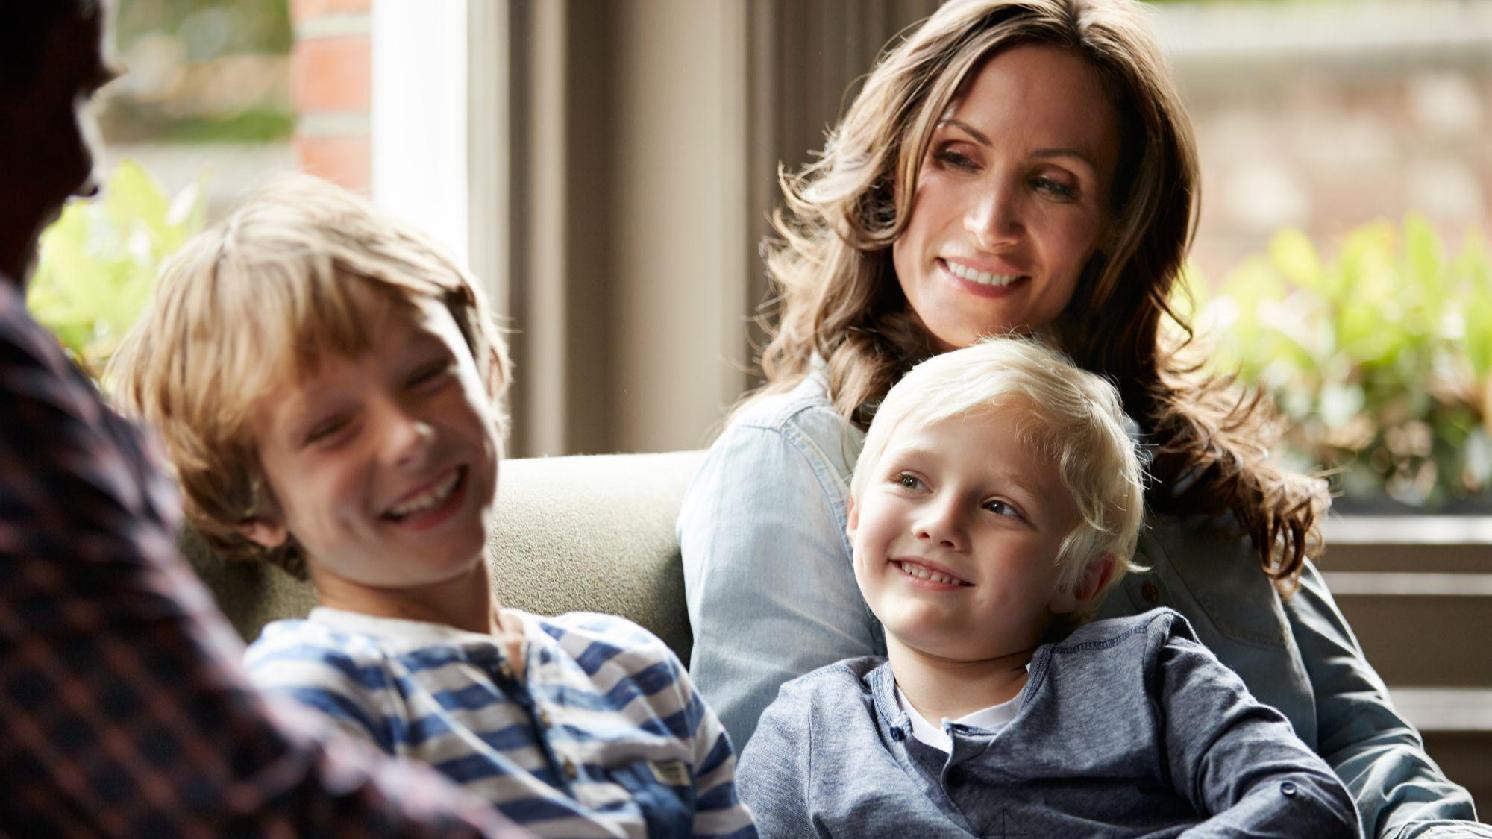 Spécialisation en Coaching Parental - Les Fondamentaux